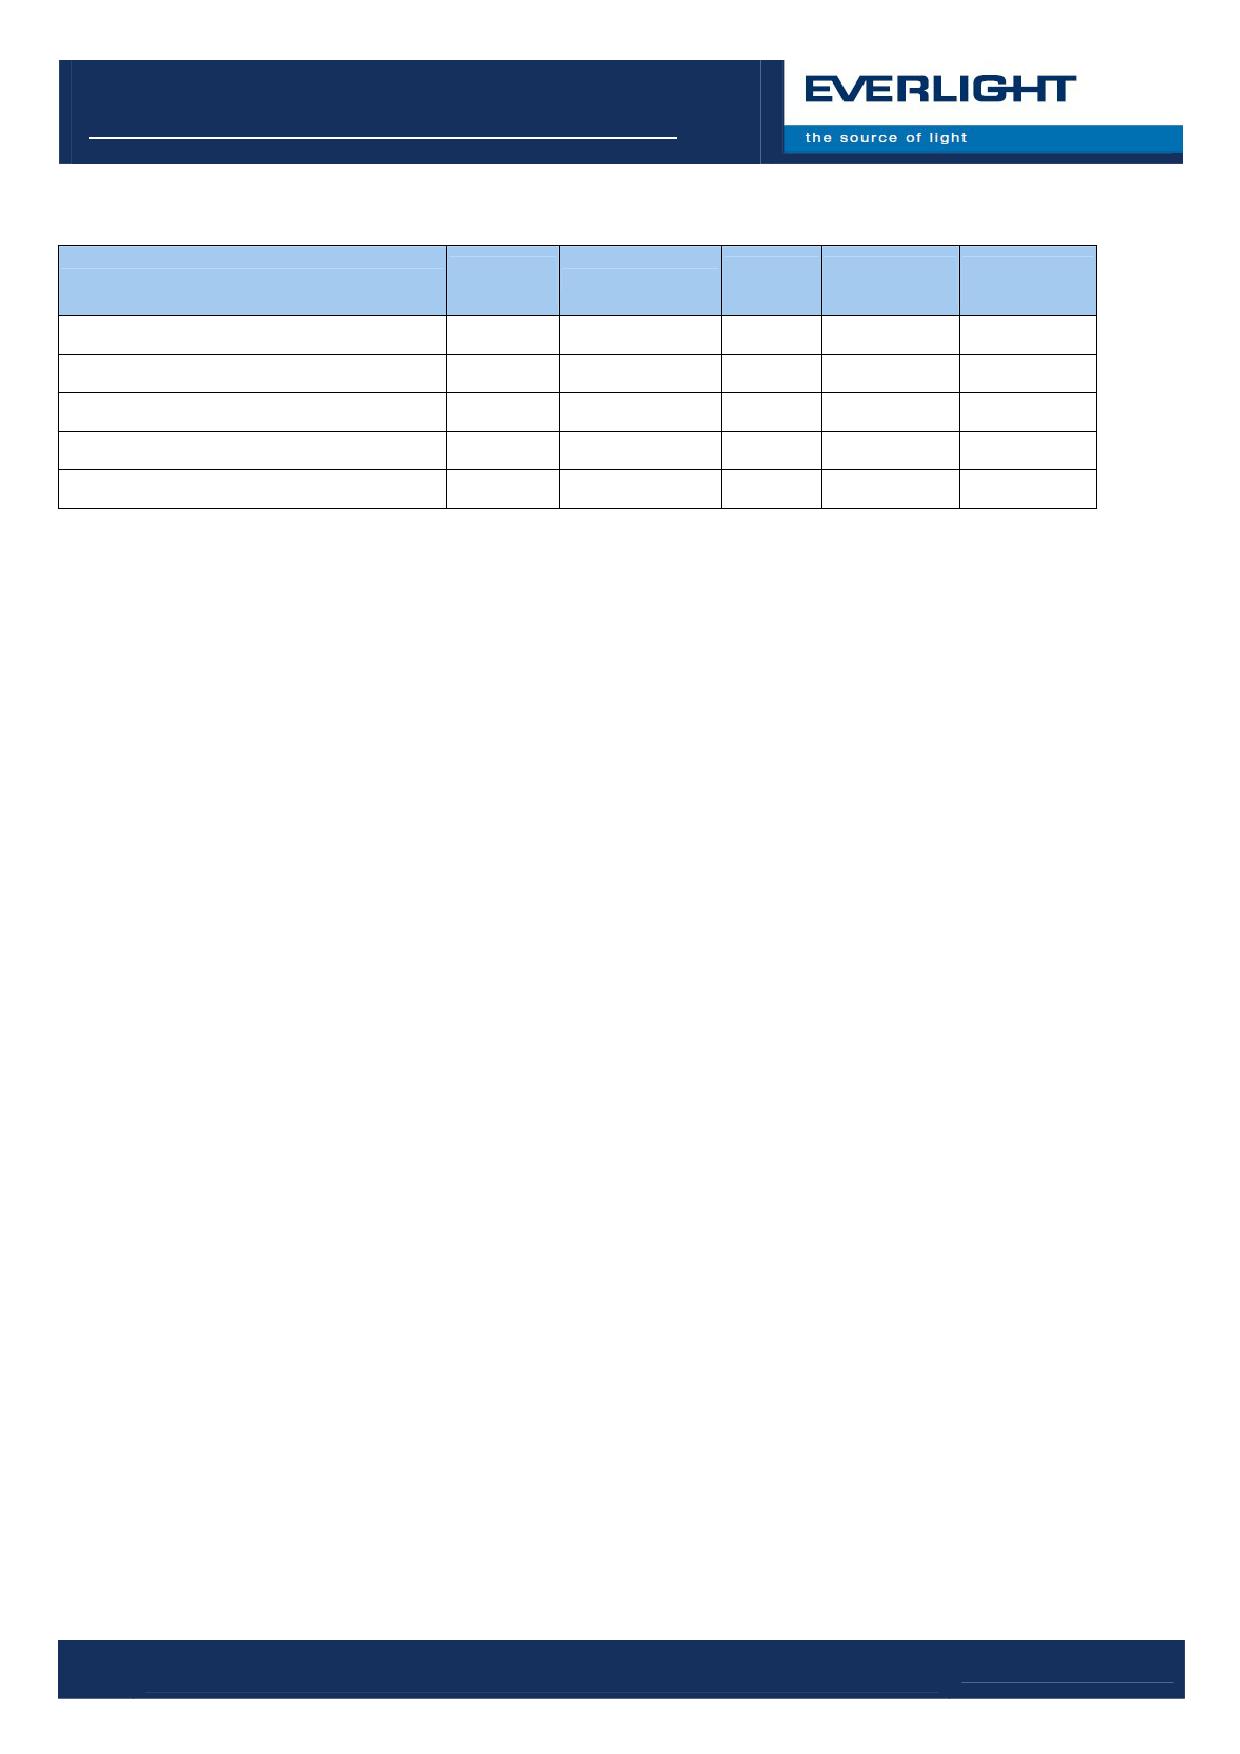 62-227B-LK2C-N5757P3P4S2Z6-2T Даташит, Описание, Даташиты